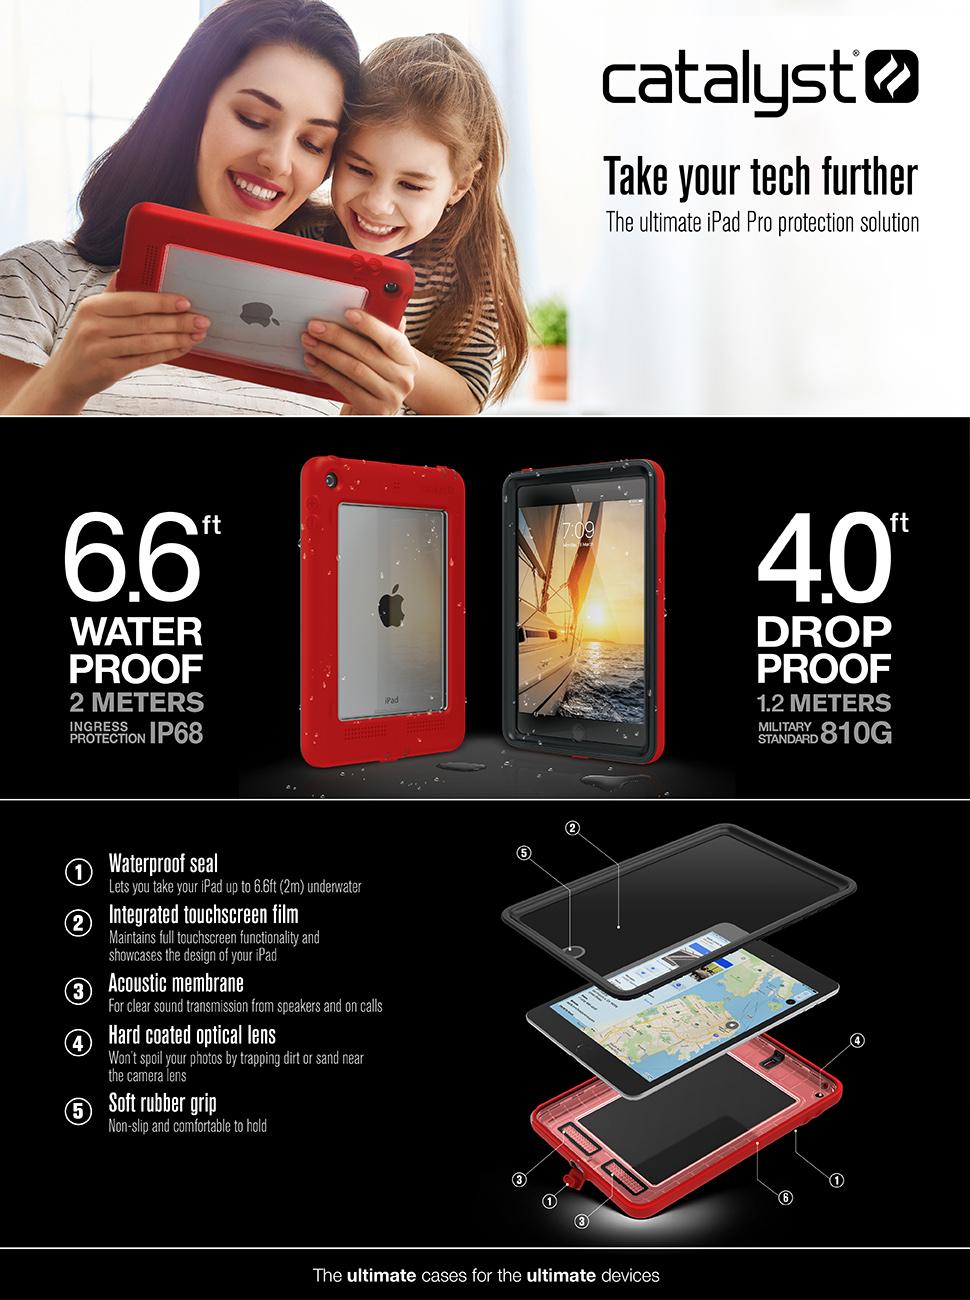 iPadmini5 red